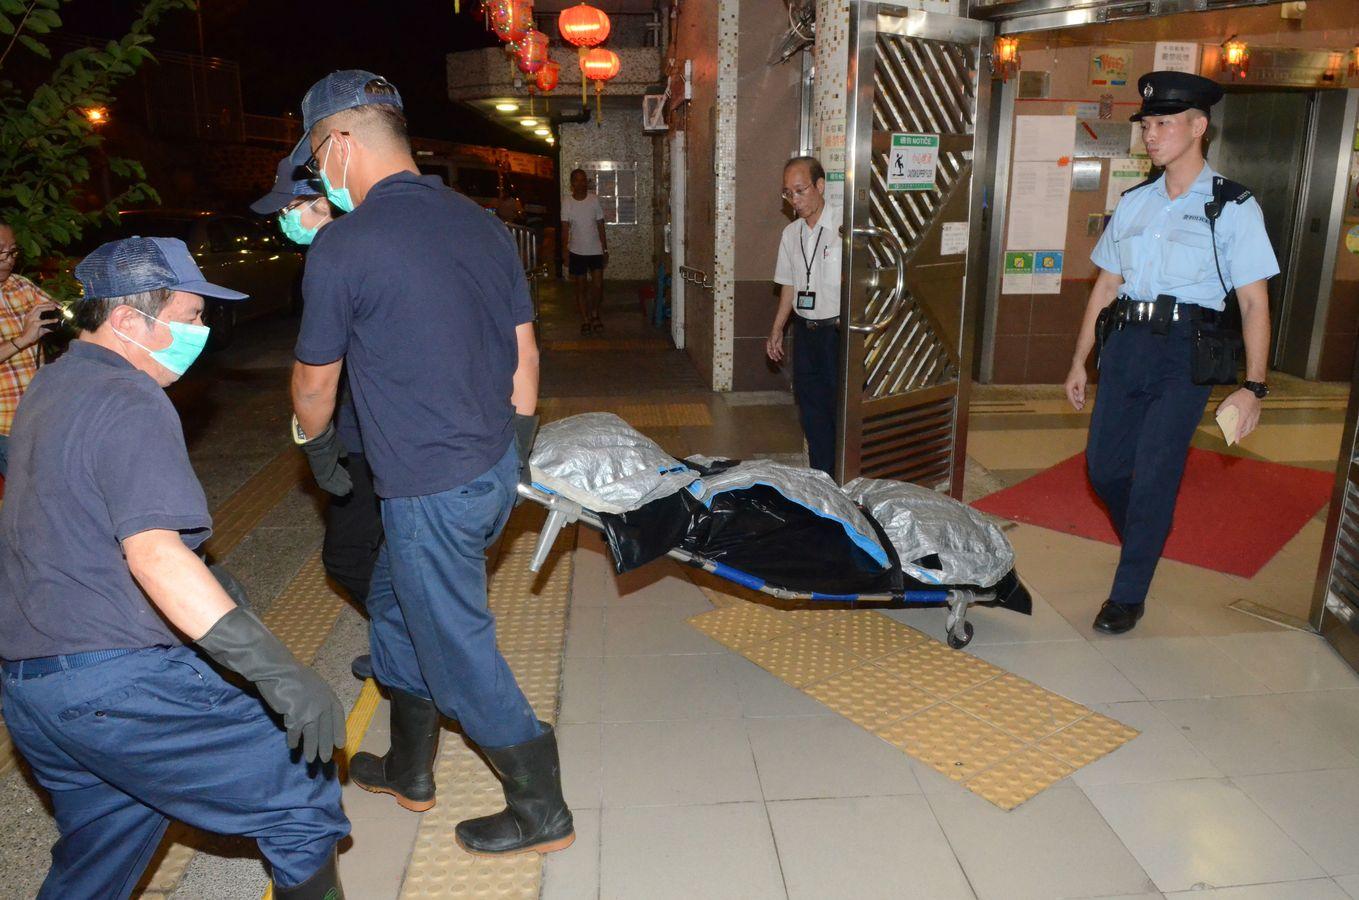 葵盛東邨倫常血案,被告認誤殺罪。資料圖片